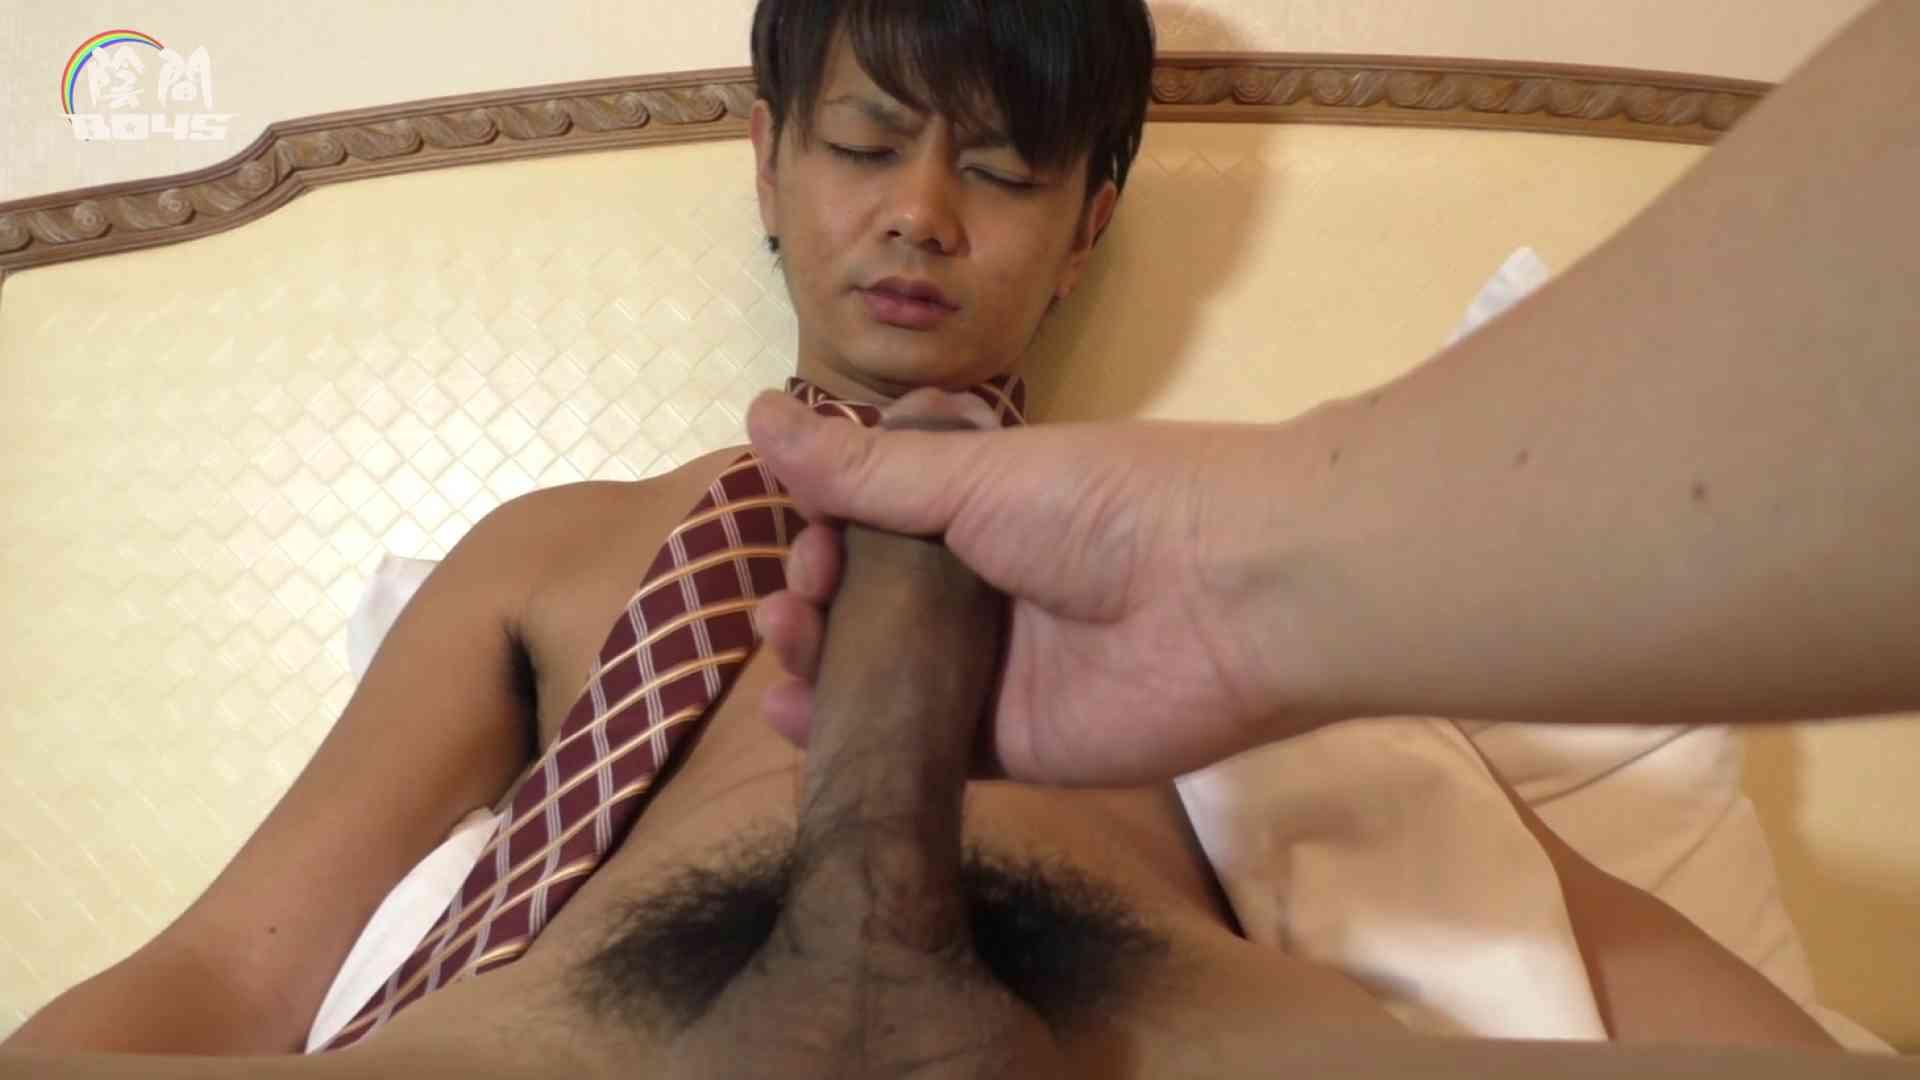 陰間BOYS~キャバクラの仕事はアナルから4 Vol.02 オナニー ゲイセックス画像 105枚 22